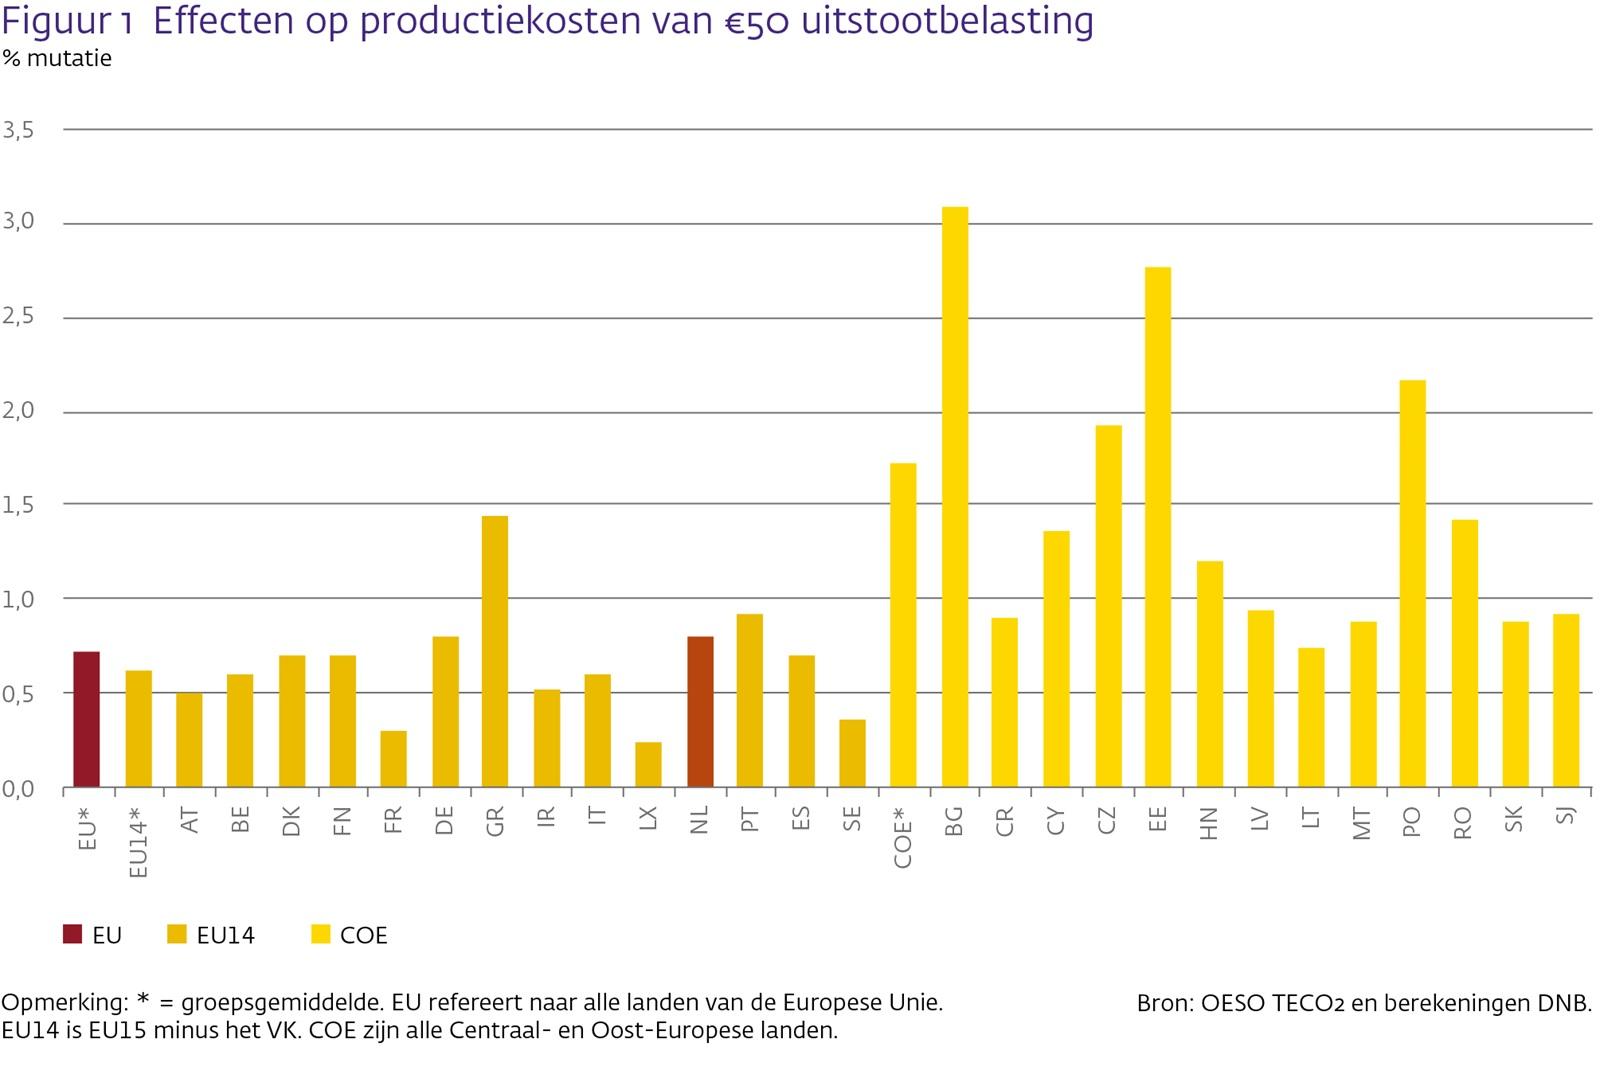 Effecten op productiekosten van 50€ uitstootbelasting